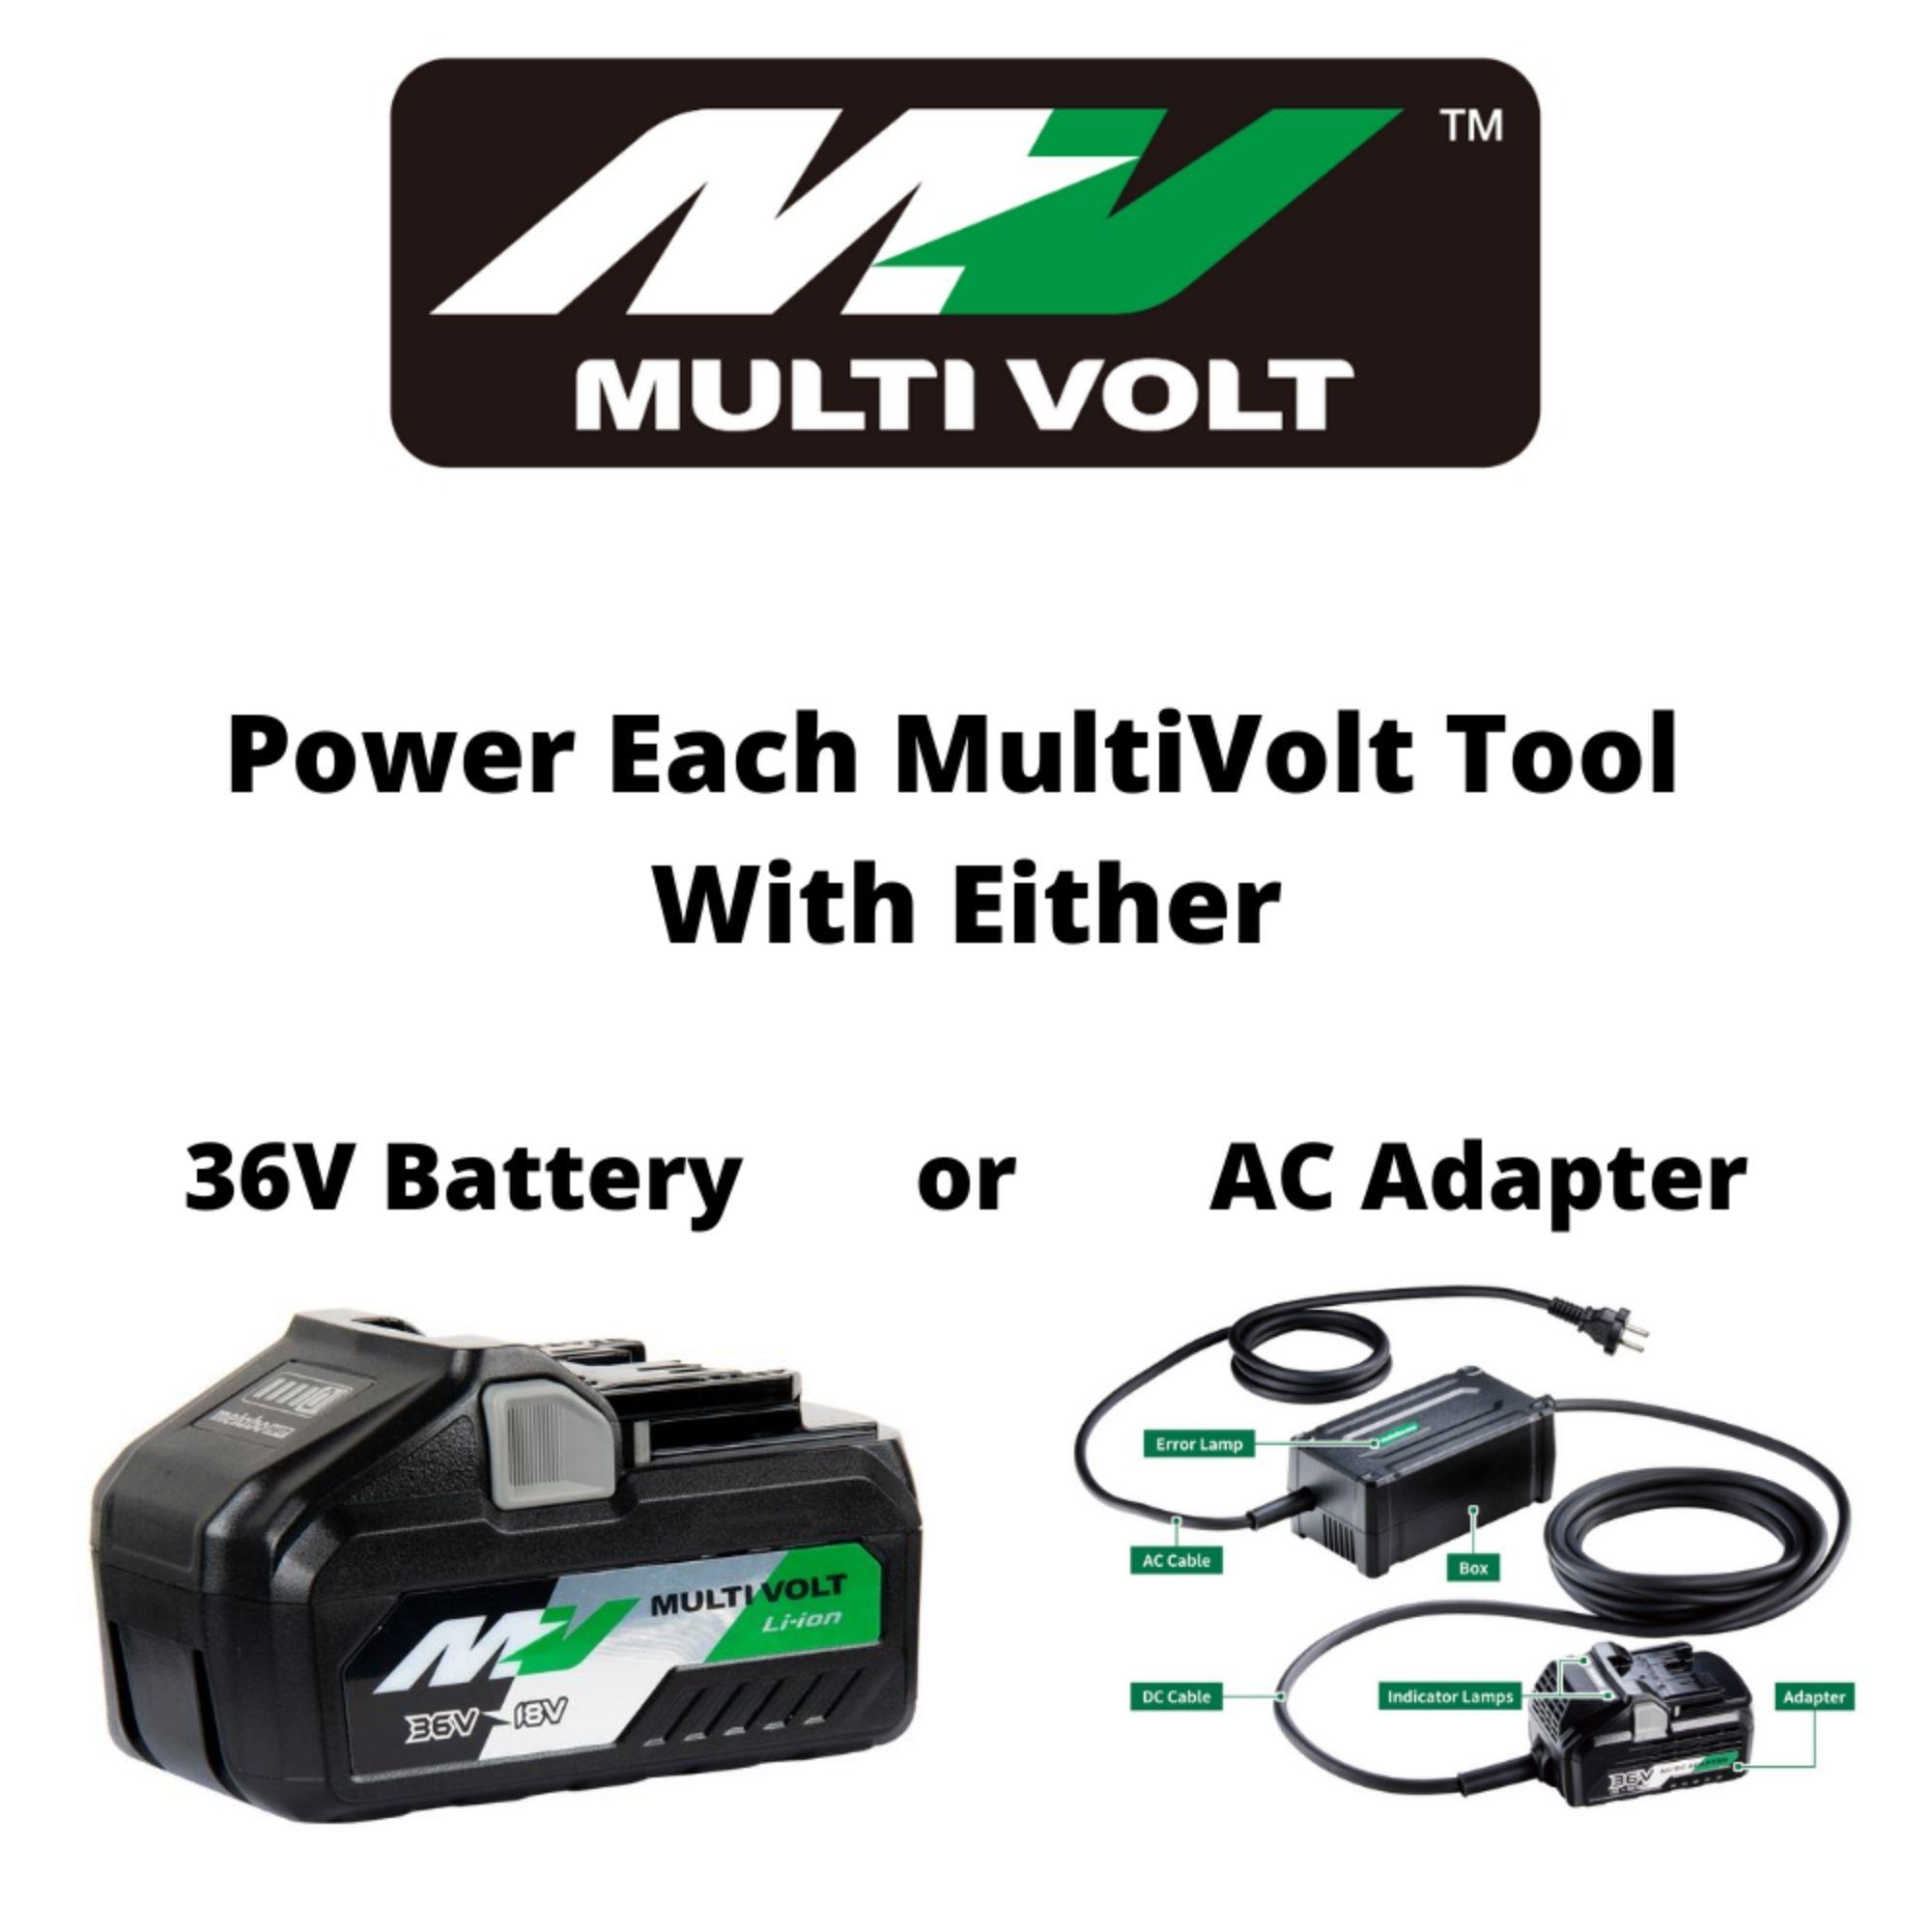 MultiVolt 2 kx2k